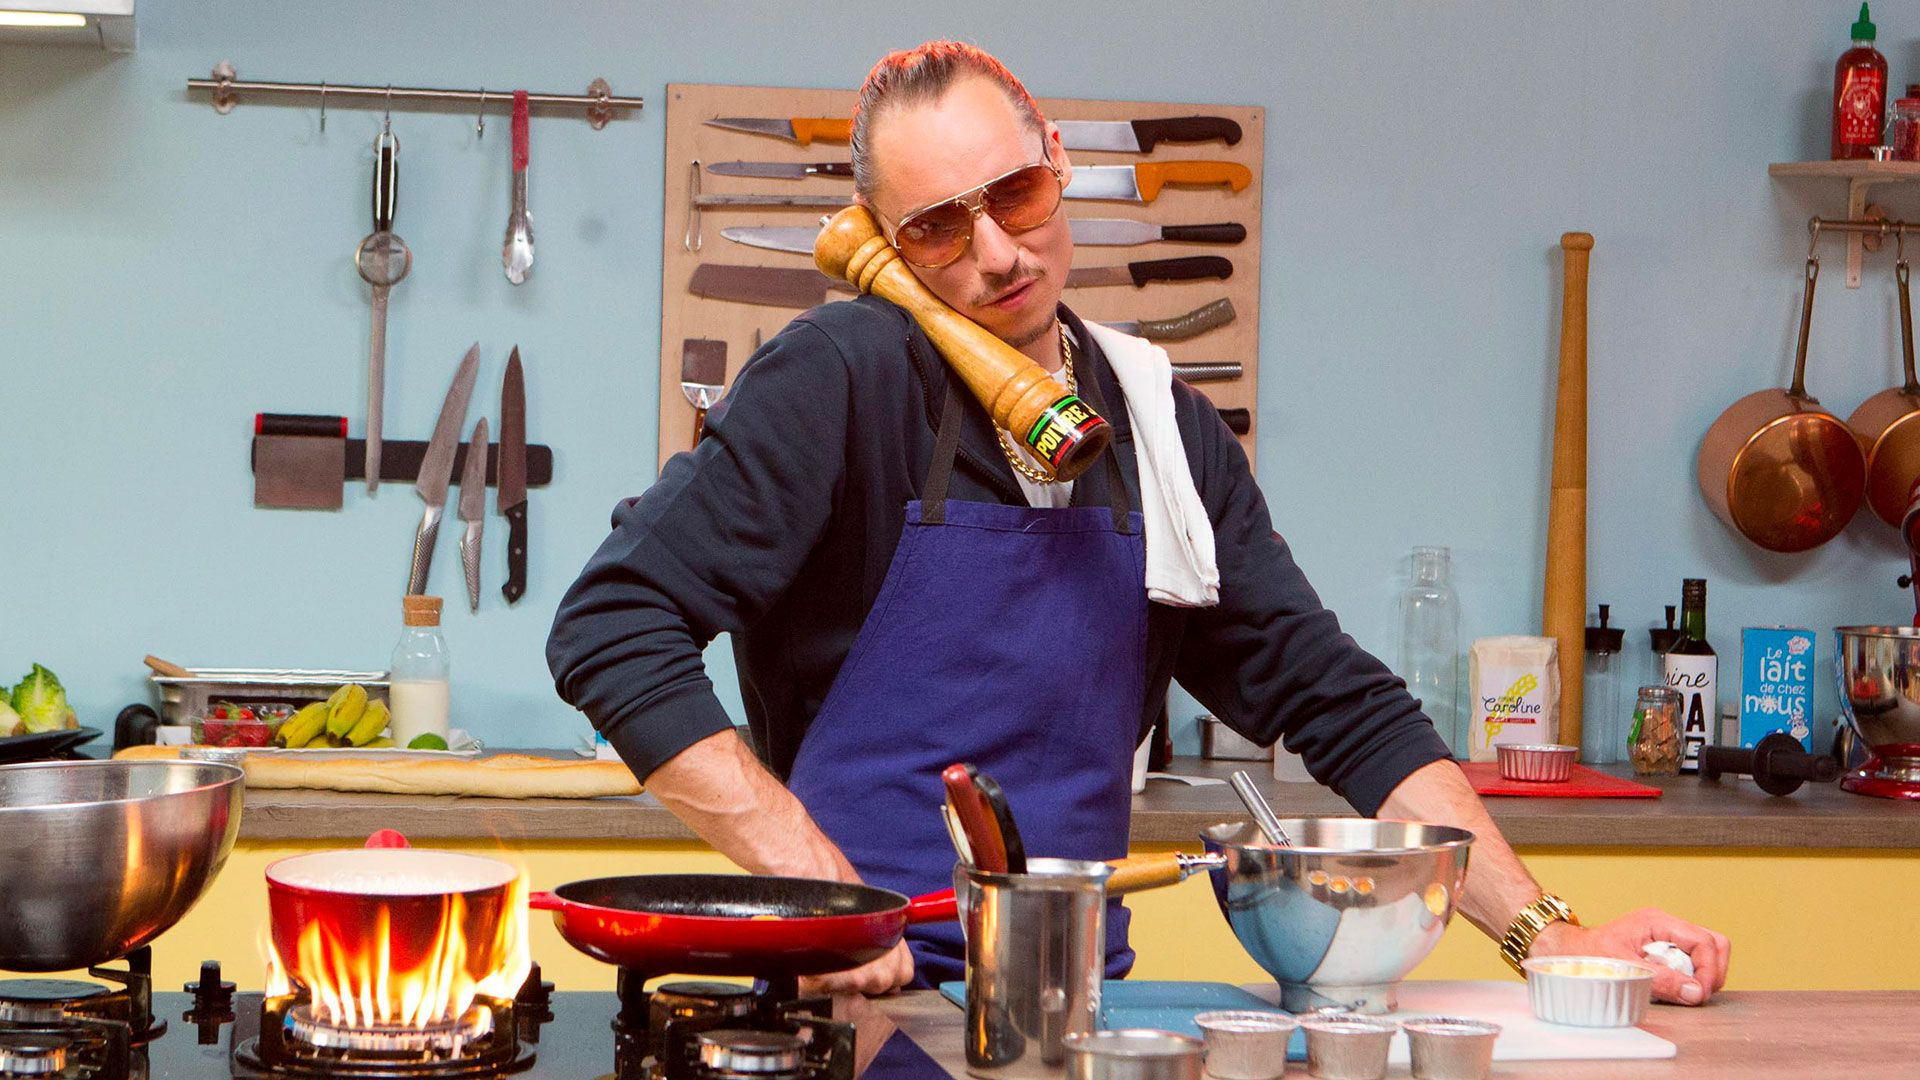 Qu'est-ce qu'on nous mijote dans « Scotch cuisine extraforte ? »